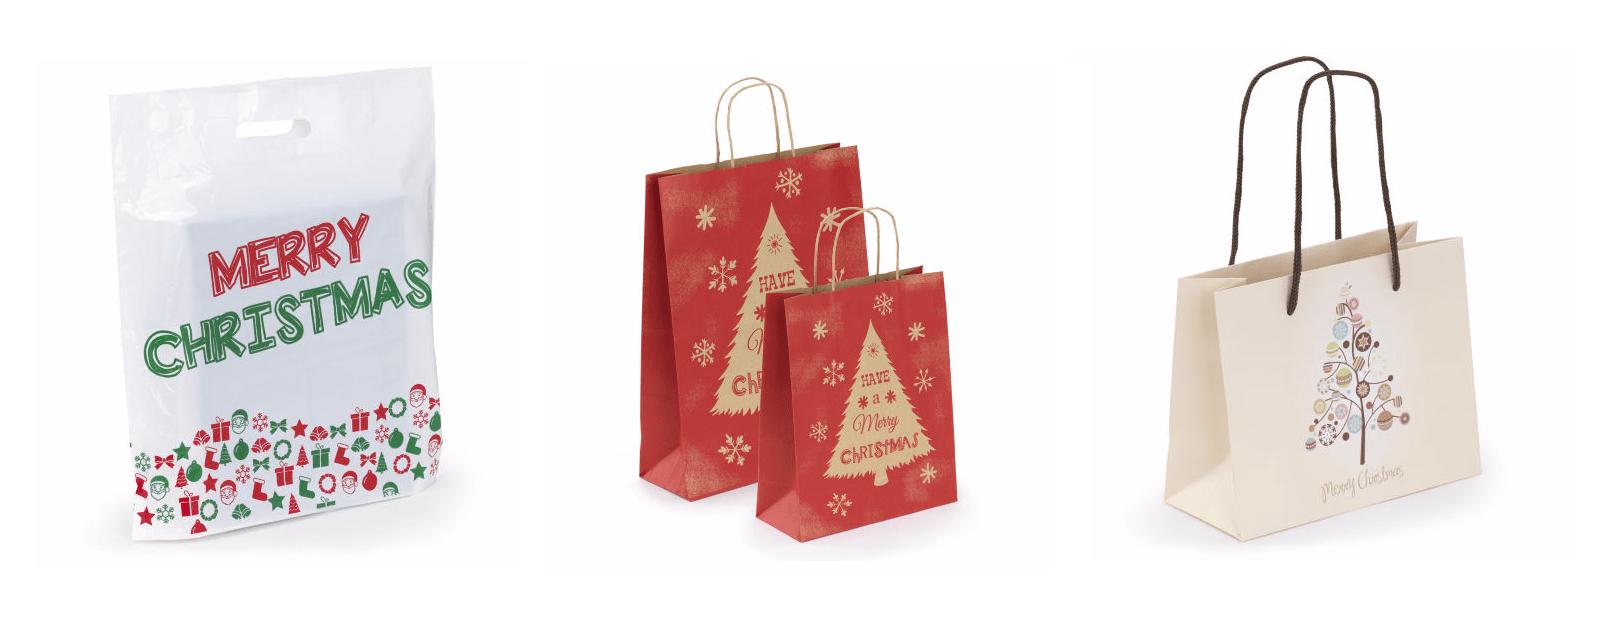 Bulk order Christmas gift bags